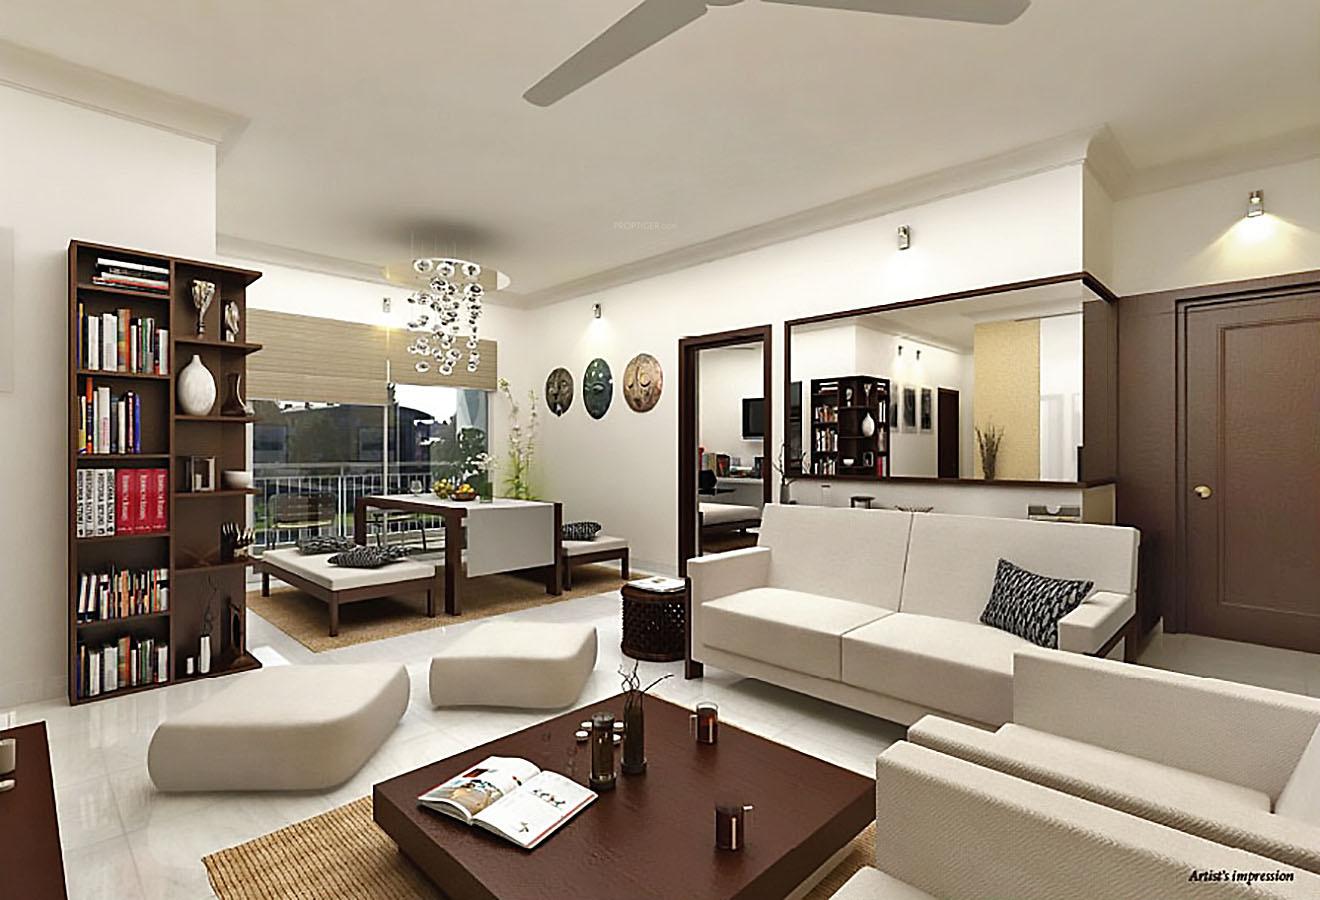 648 Sq Ft 1 BHK 1T Apartment For Sale In Prestige Group Bagamane Temple Bells Rajarajeshwari Nagar Bangalore